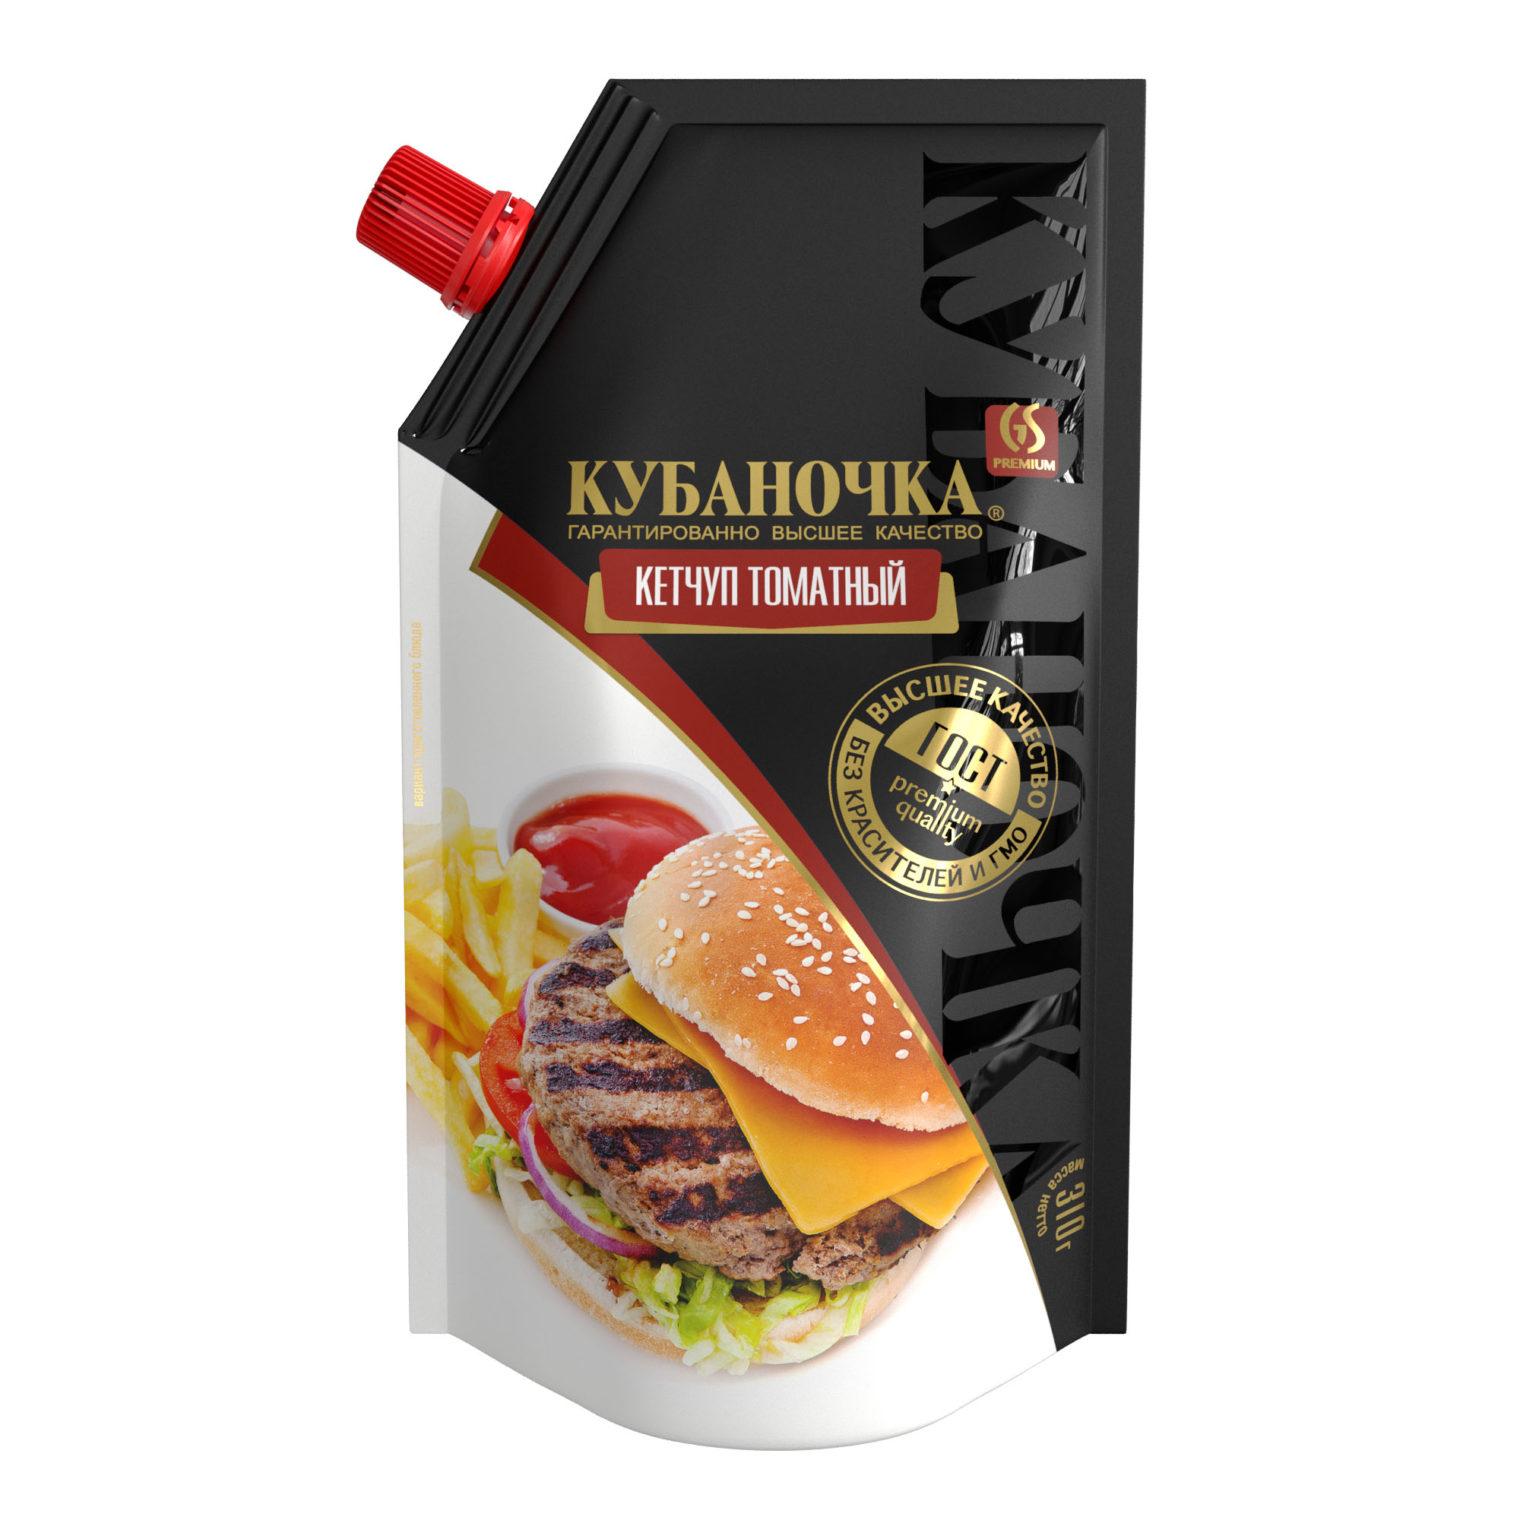 Кетчуп томатный, Масса: 310 г